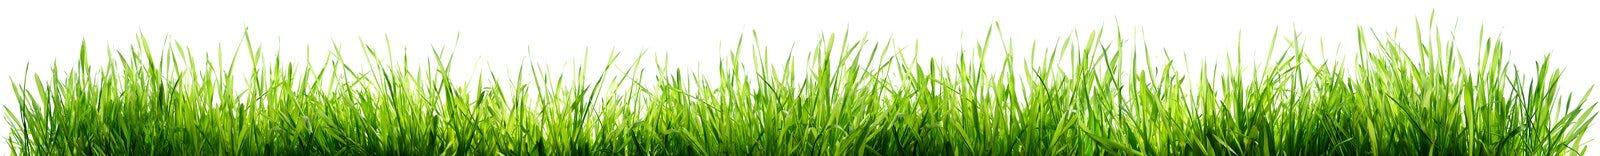 Gras getrennt auf Weiß stockbild